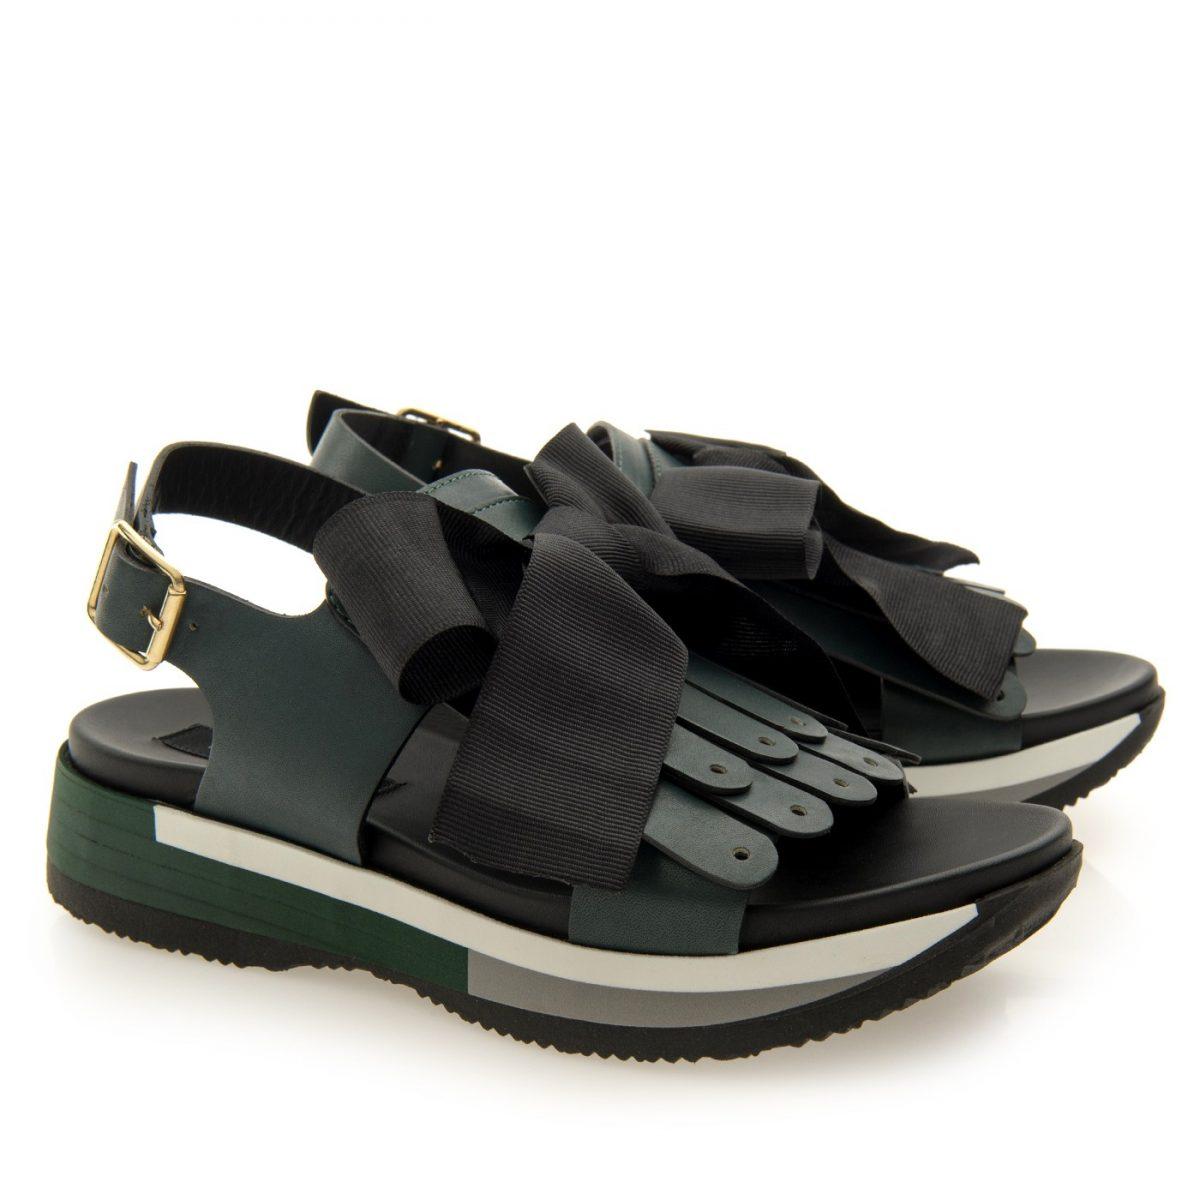 sandale musette reduceri